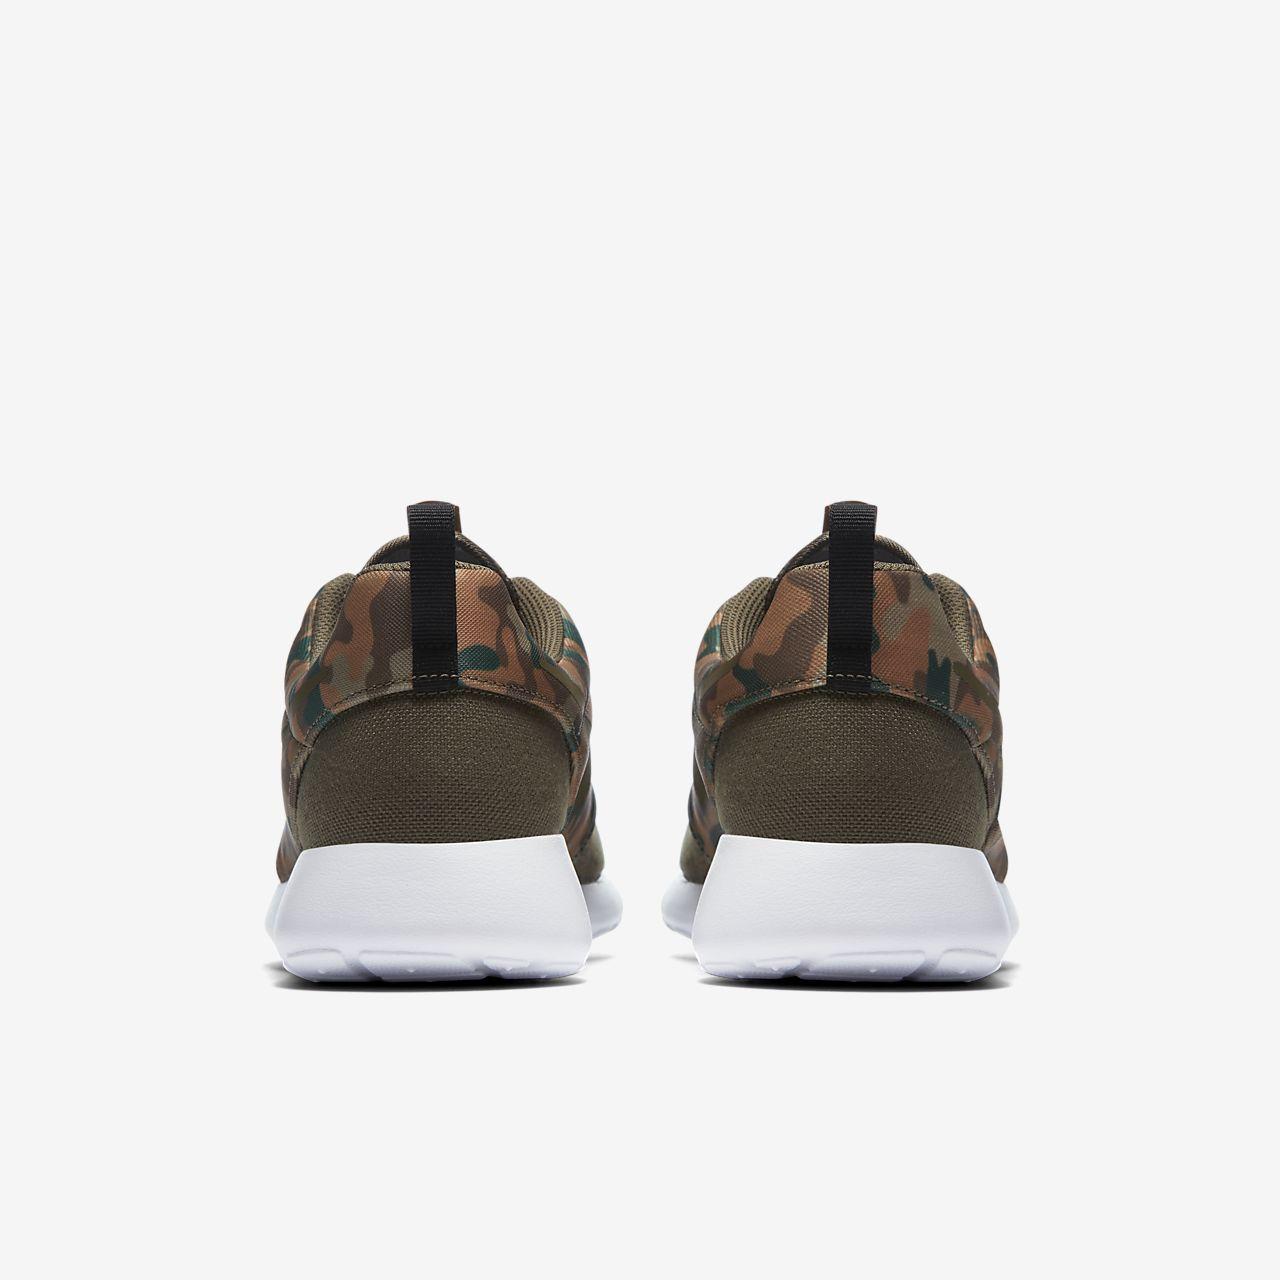 58f46953d99da Nike Roshe One SE Men s Shoe. Nike.com